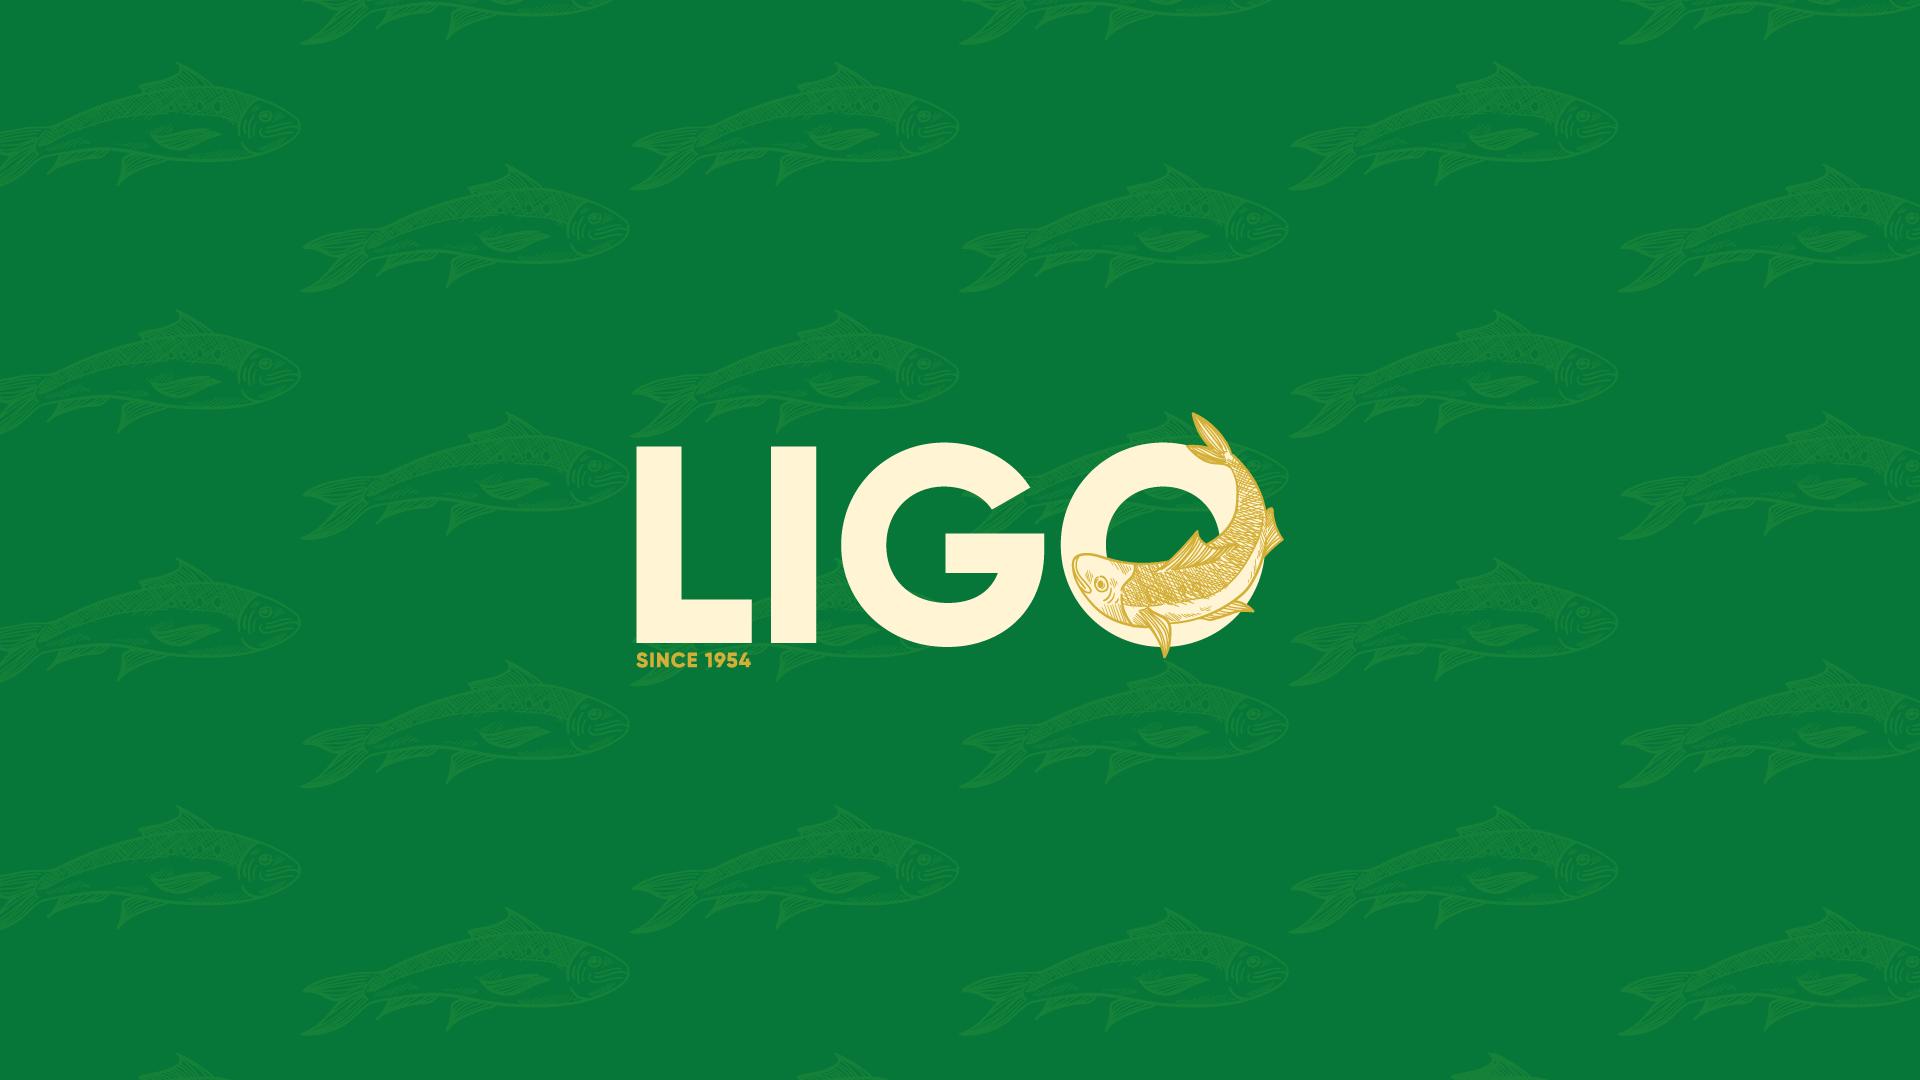 Ligo Logo Header Image